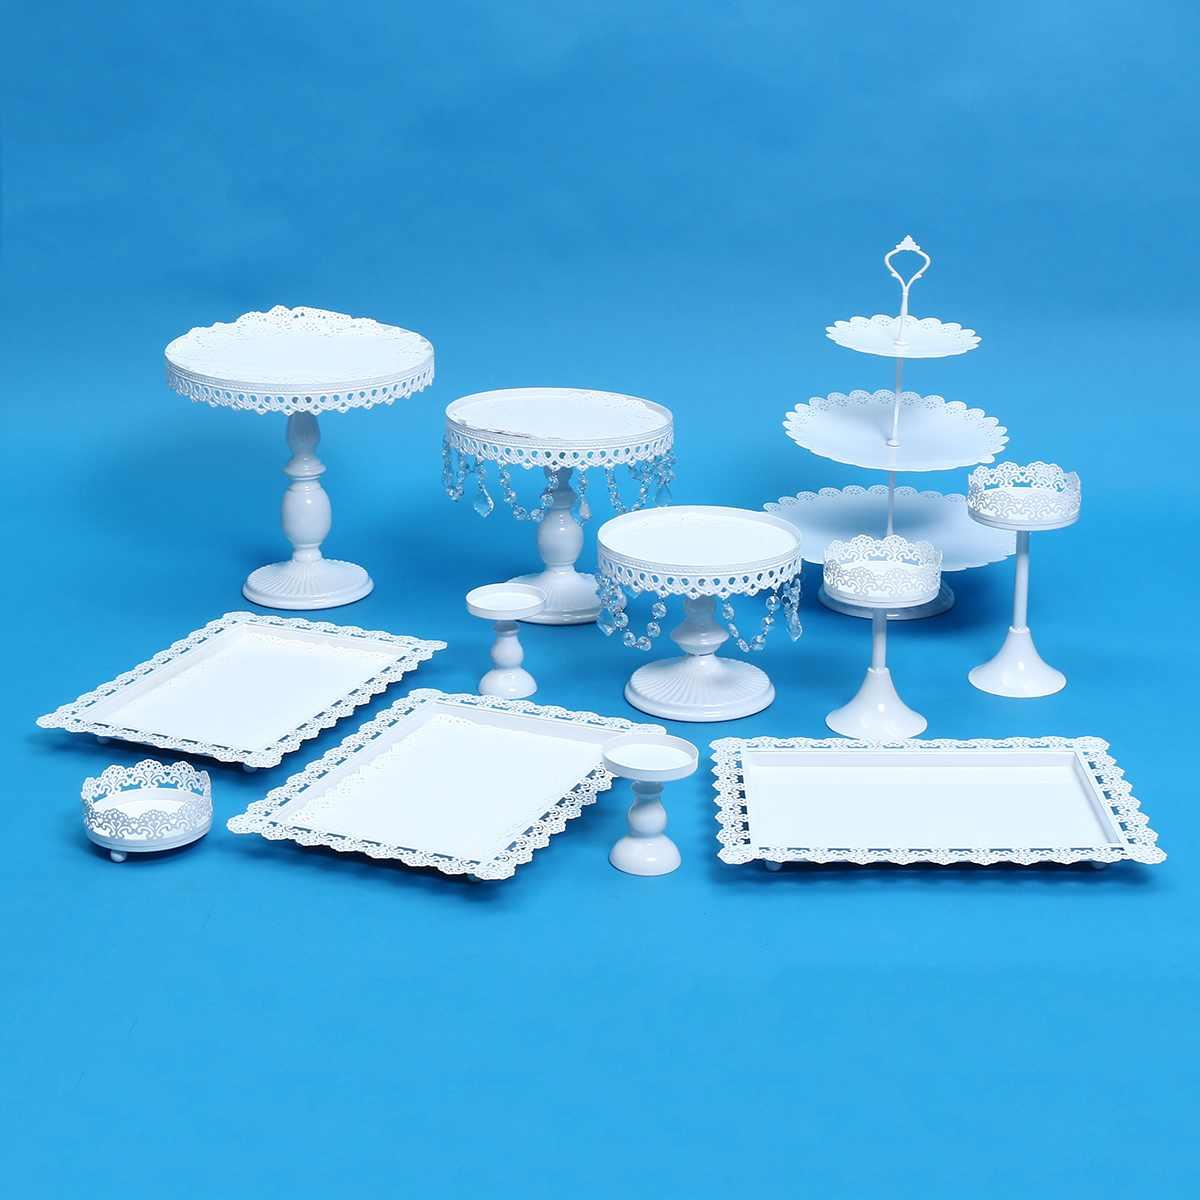 Métal fer 12 pièces/ensemble supports à gâteau support Cupcake support plaque fête d'anniversaire présentoir cadeaux maison mariage décoration blanc